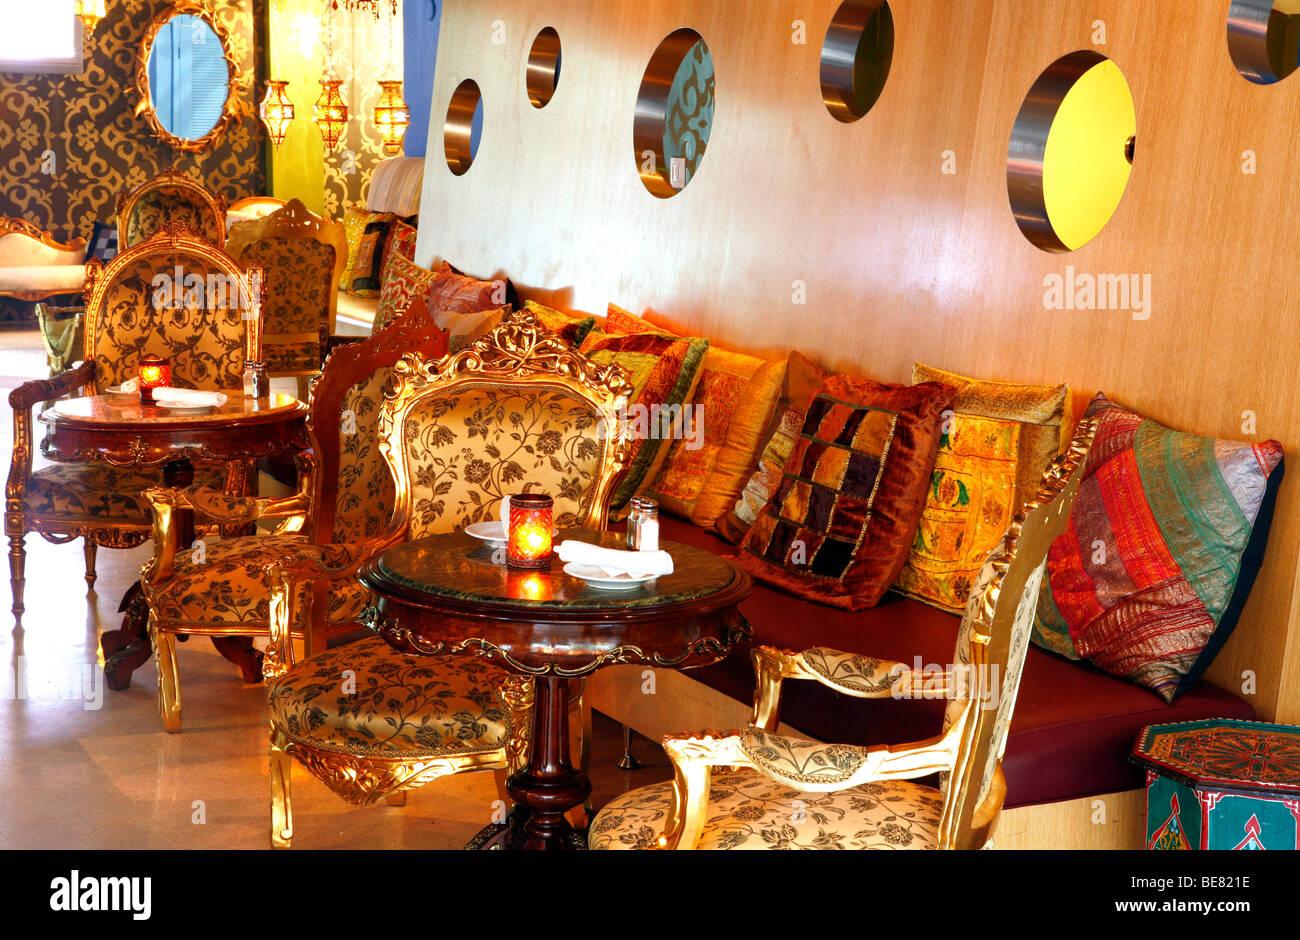 Tropical Chevrolet Miami Florida >> Miami Beach Club Stock Photos & Miami Beach Club Stock Images - Alamy